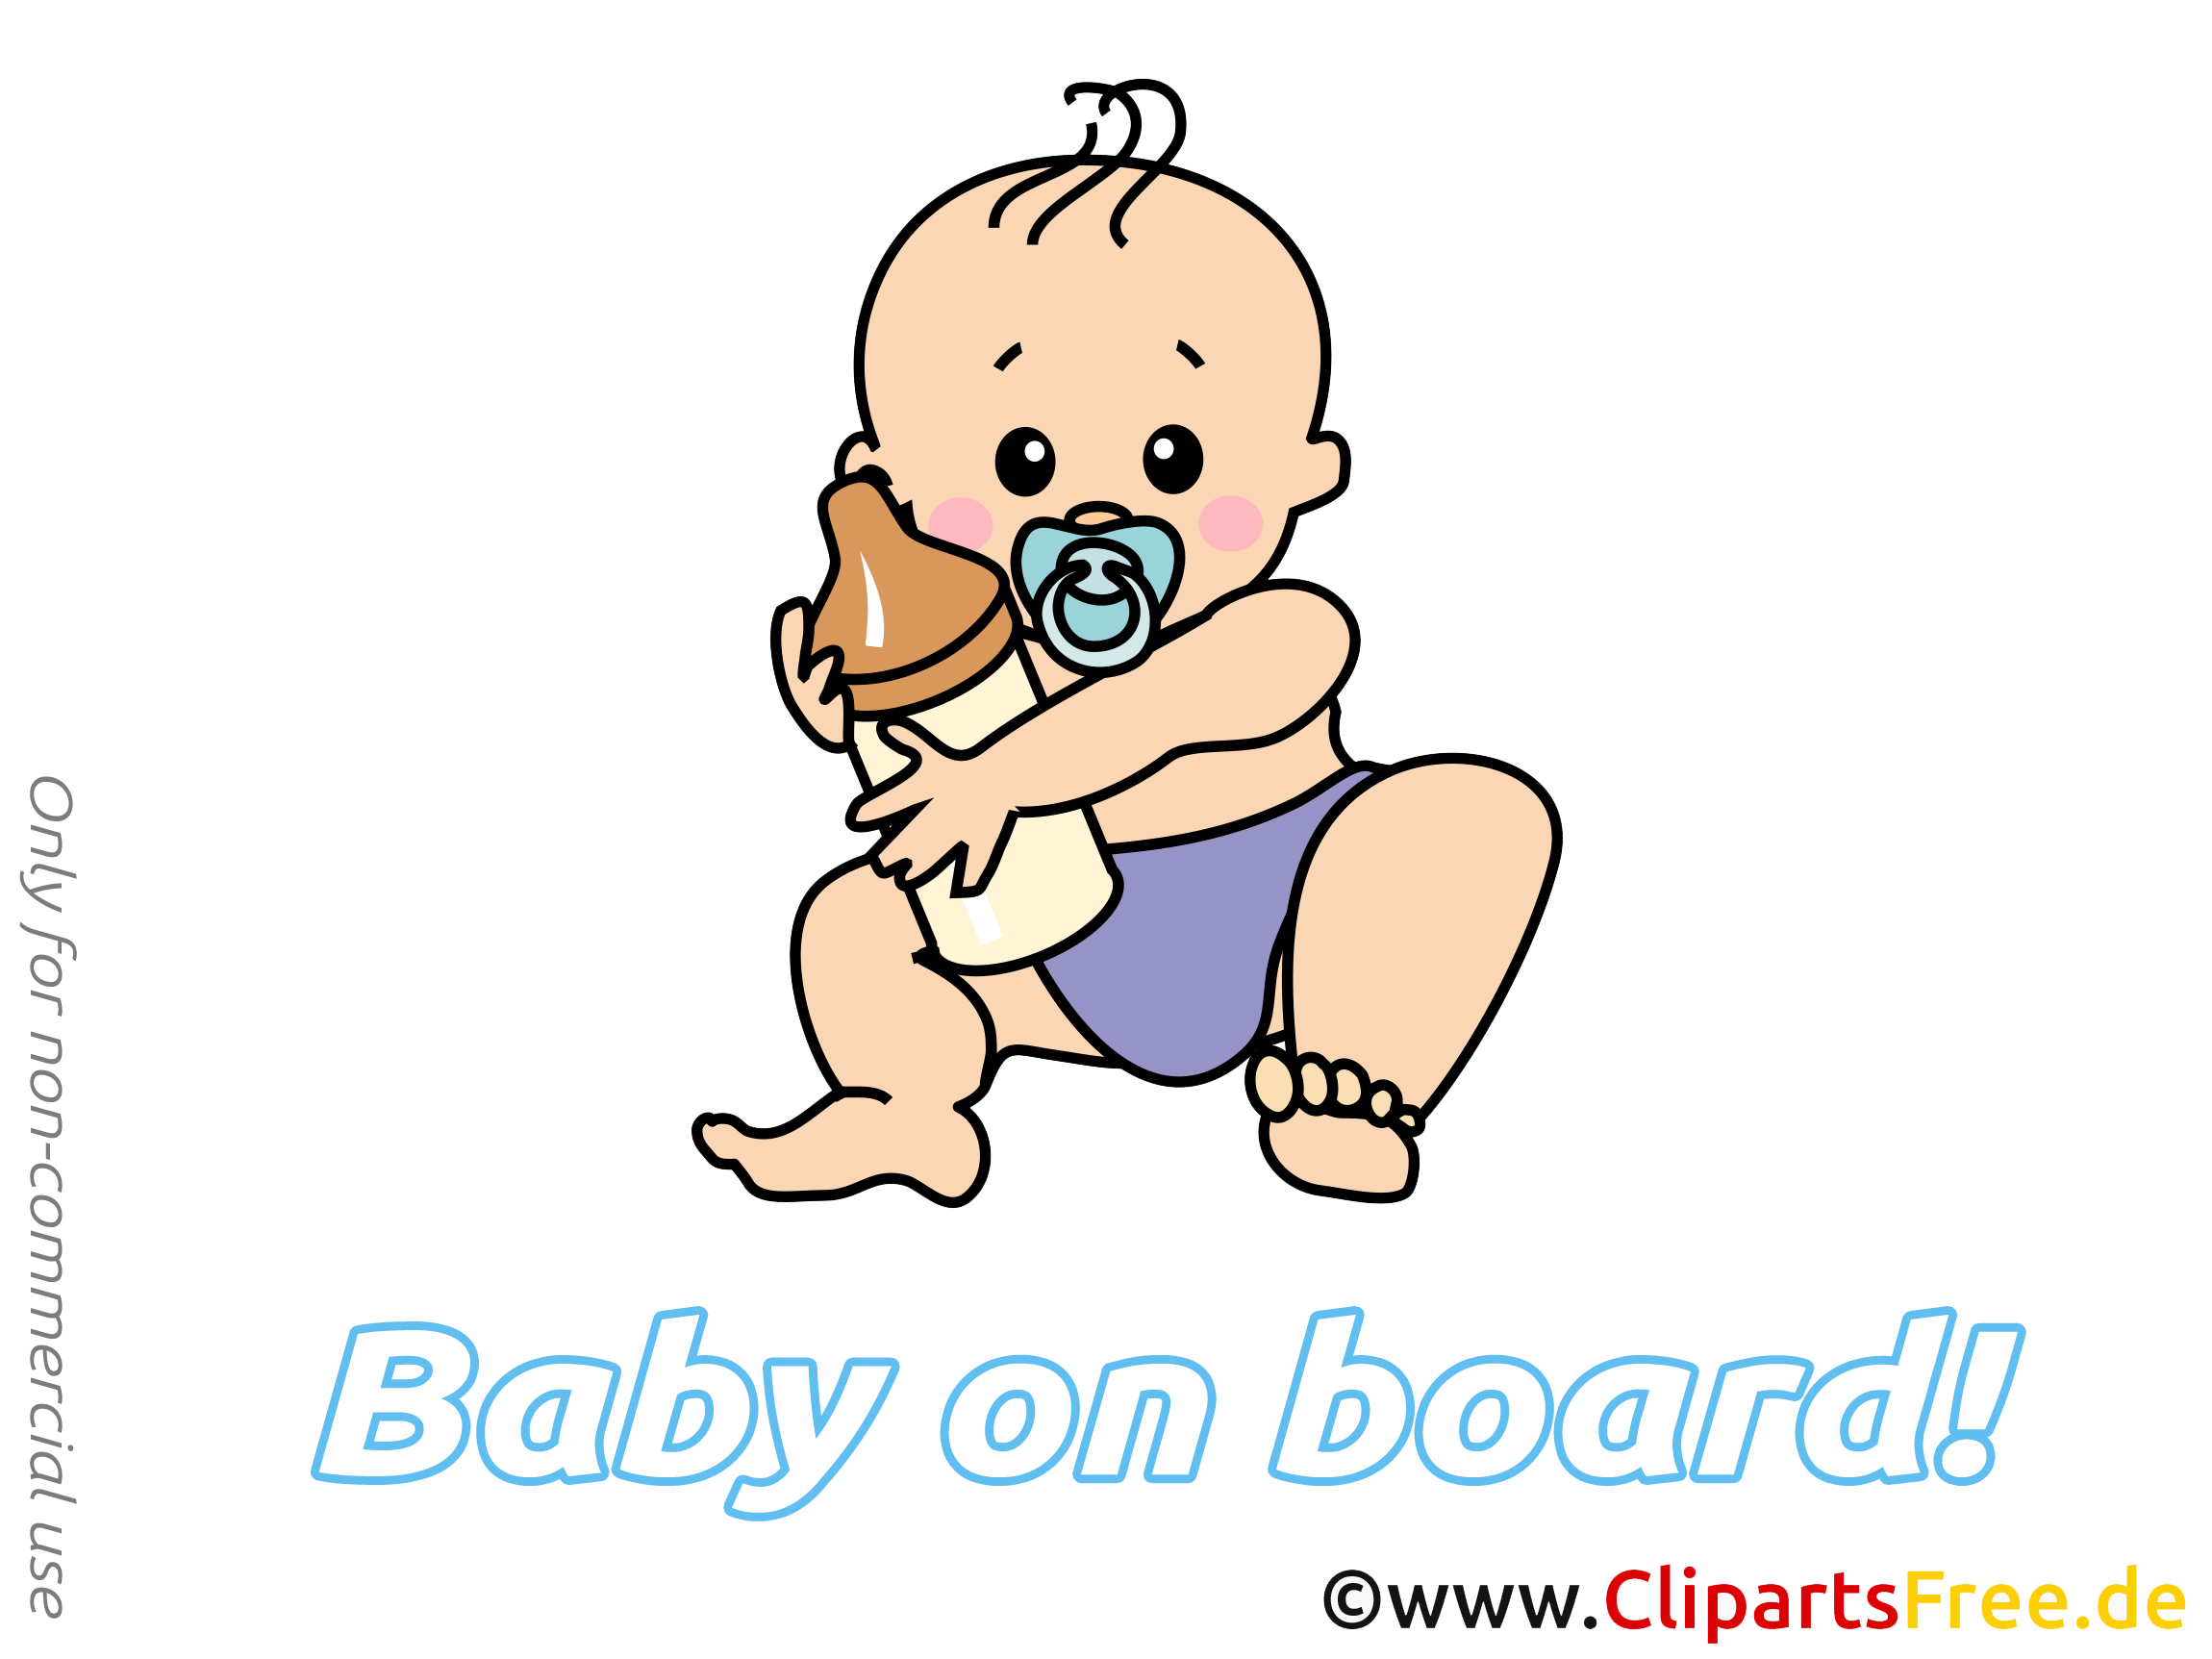 Clipart biberon – Bébé à bord dessins gratuits